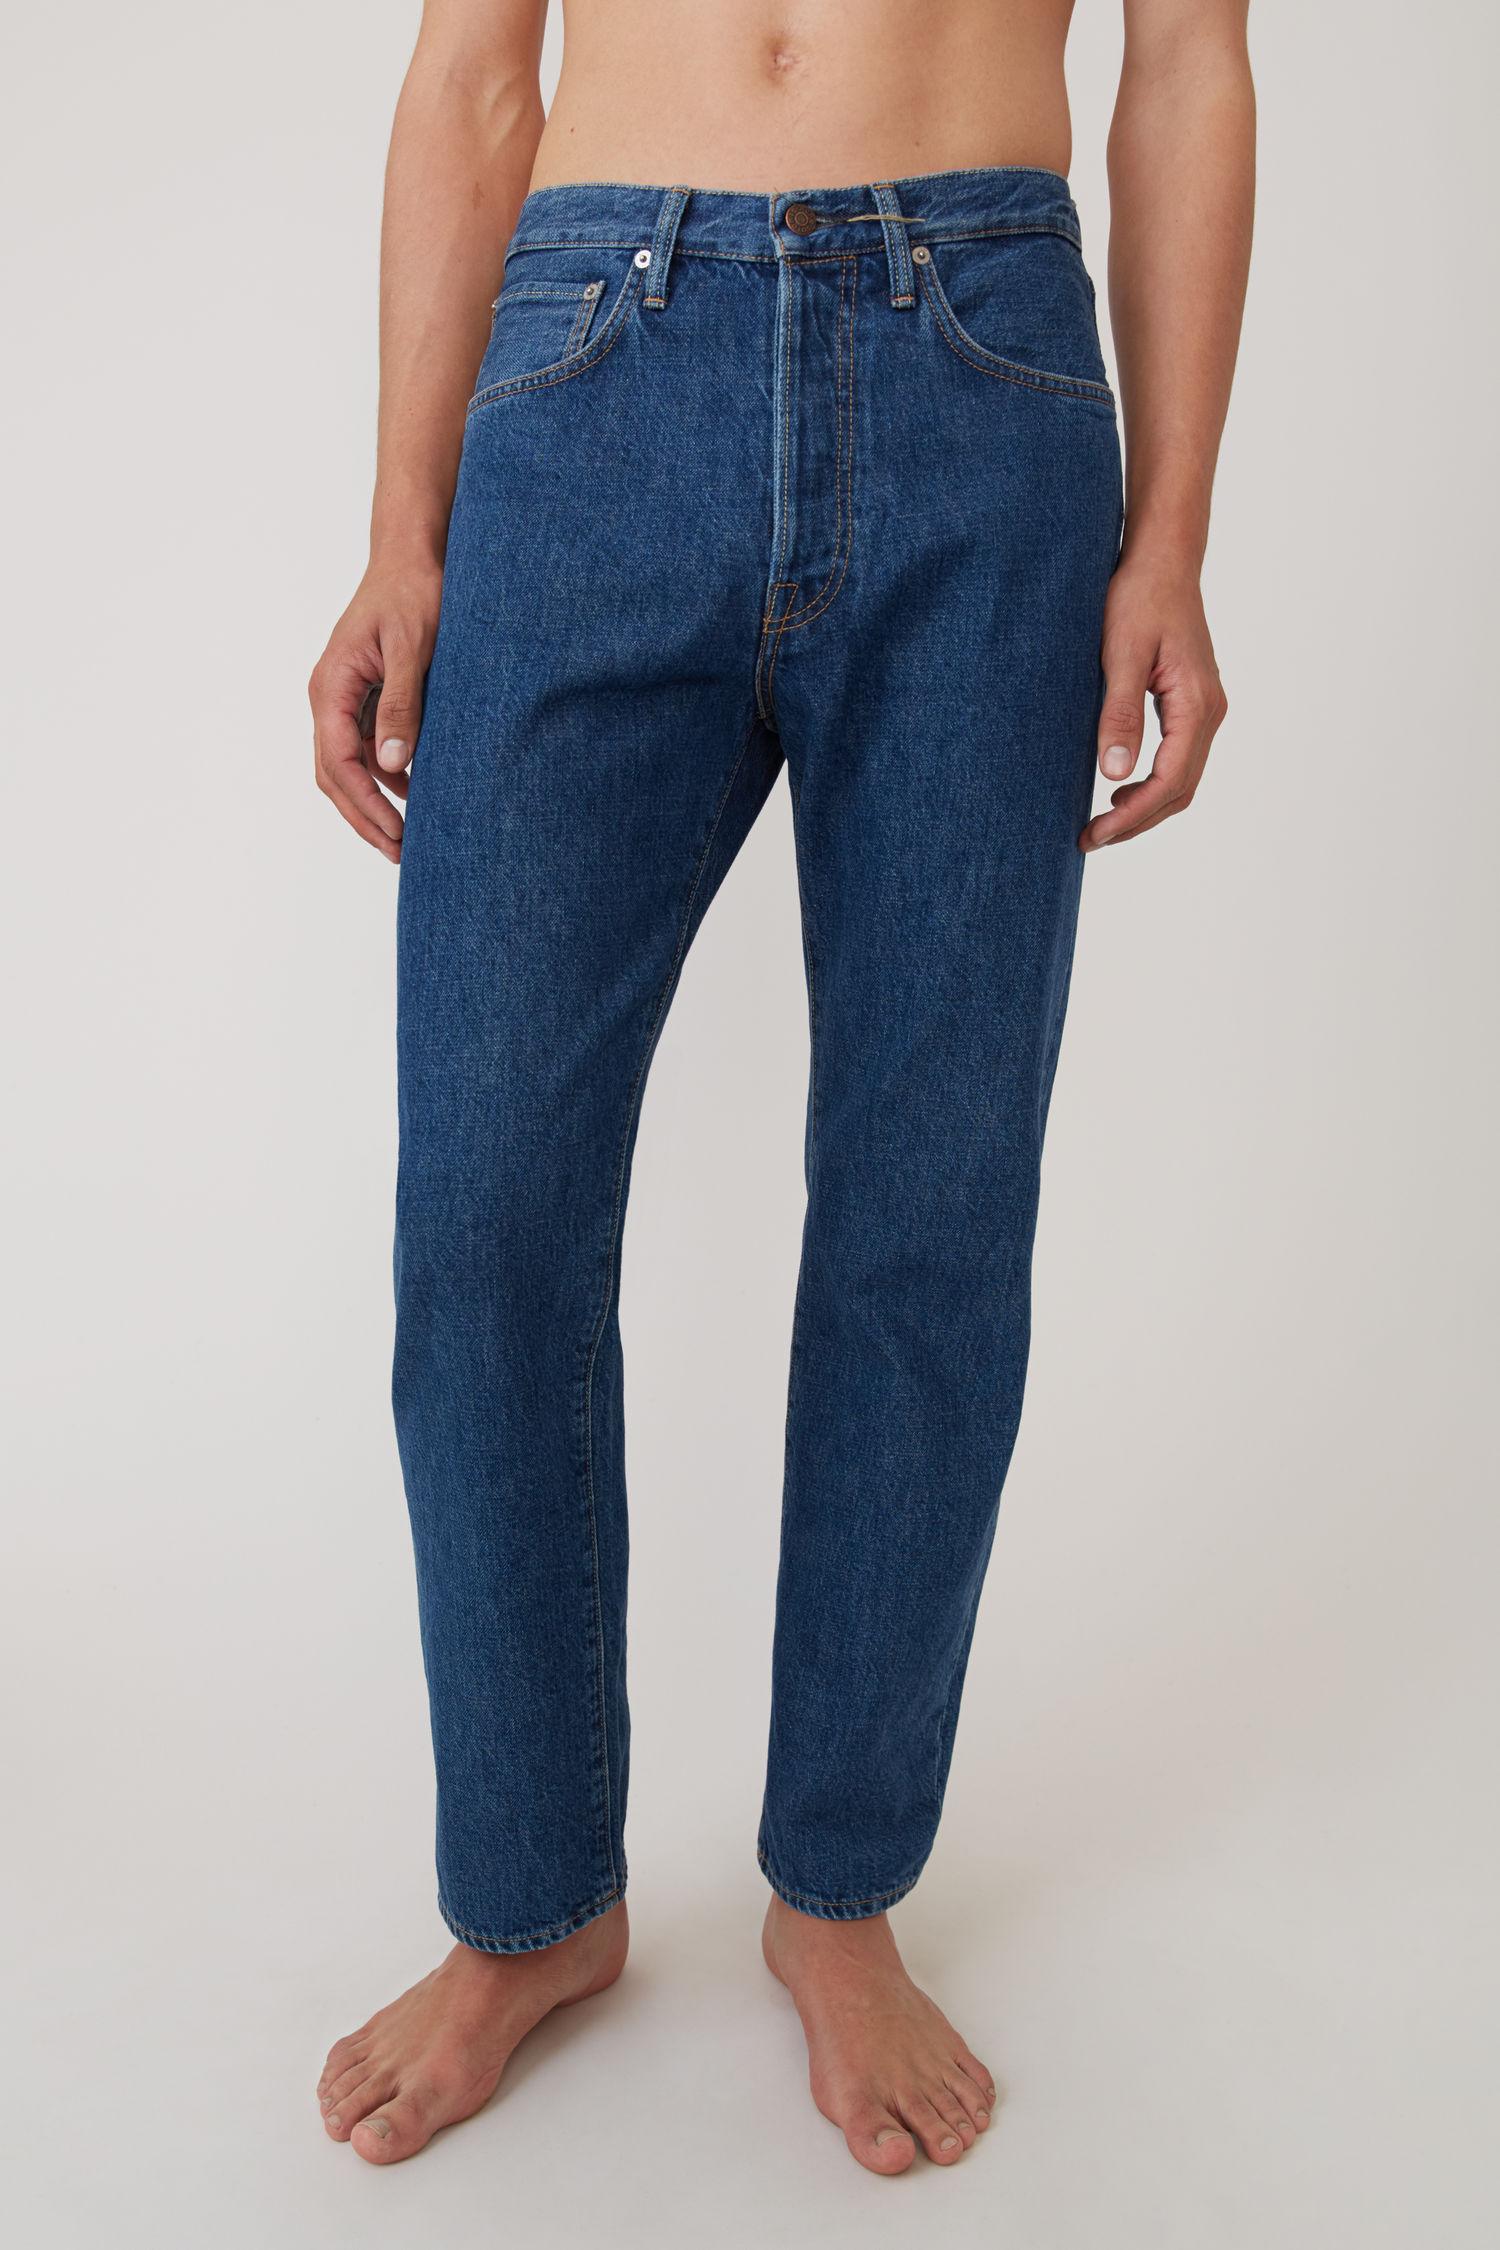 acne_studios_Loose_fit_jeans_dark_blue_1.jpg